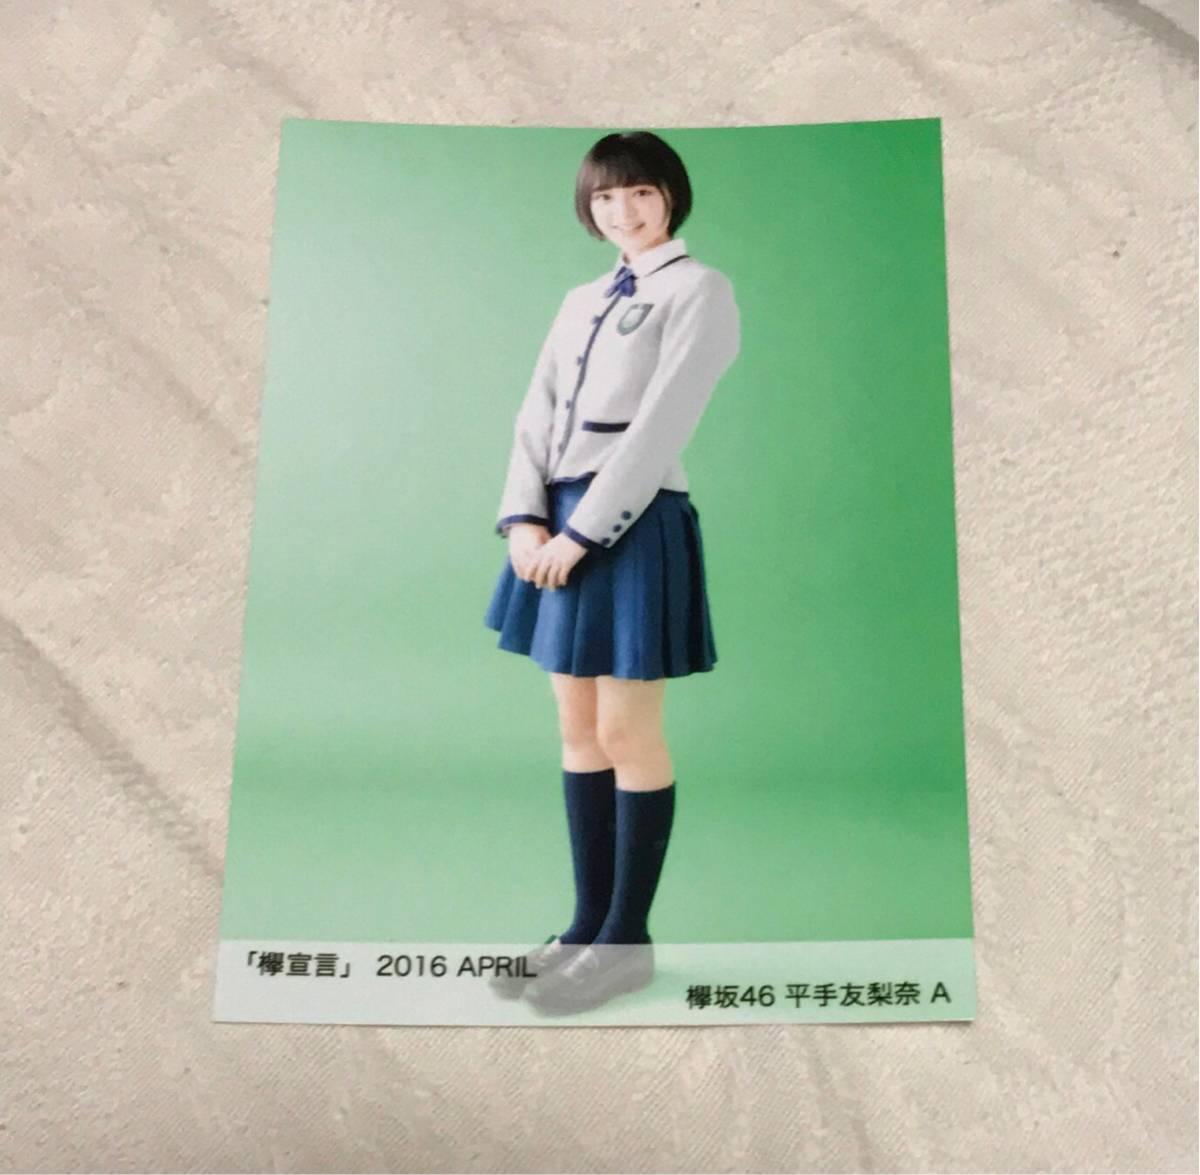 欅坂46 平手友梨奈 欅宣言 2016 APRIL 4月 けやき坂